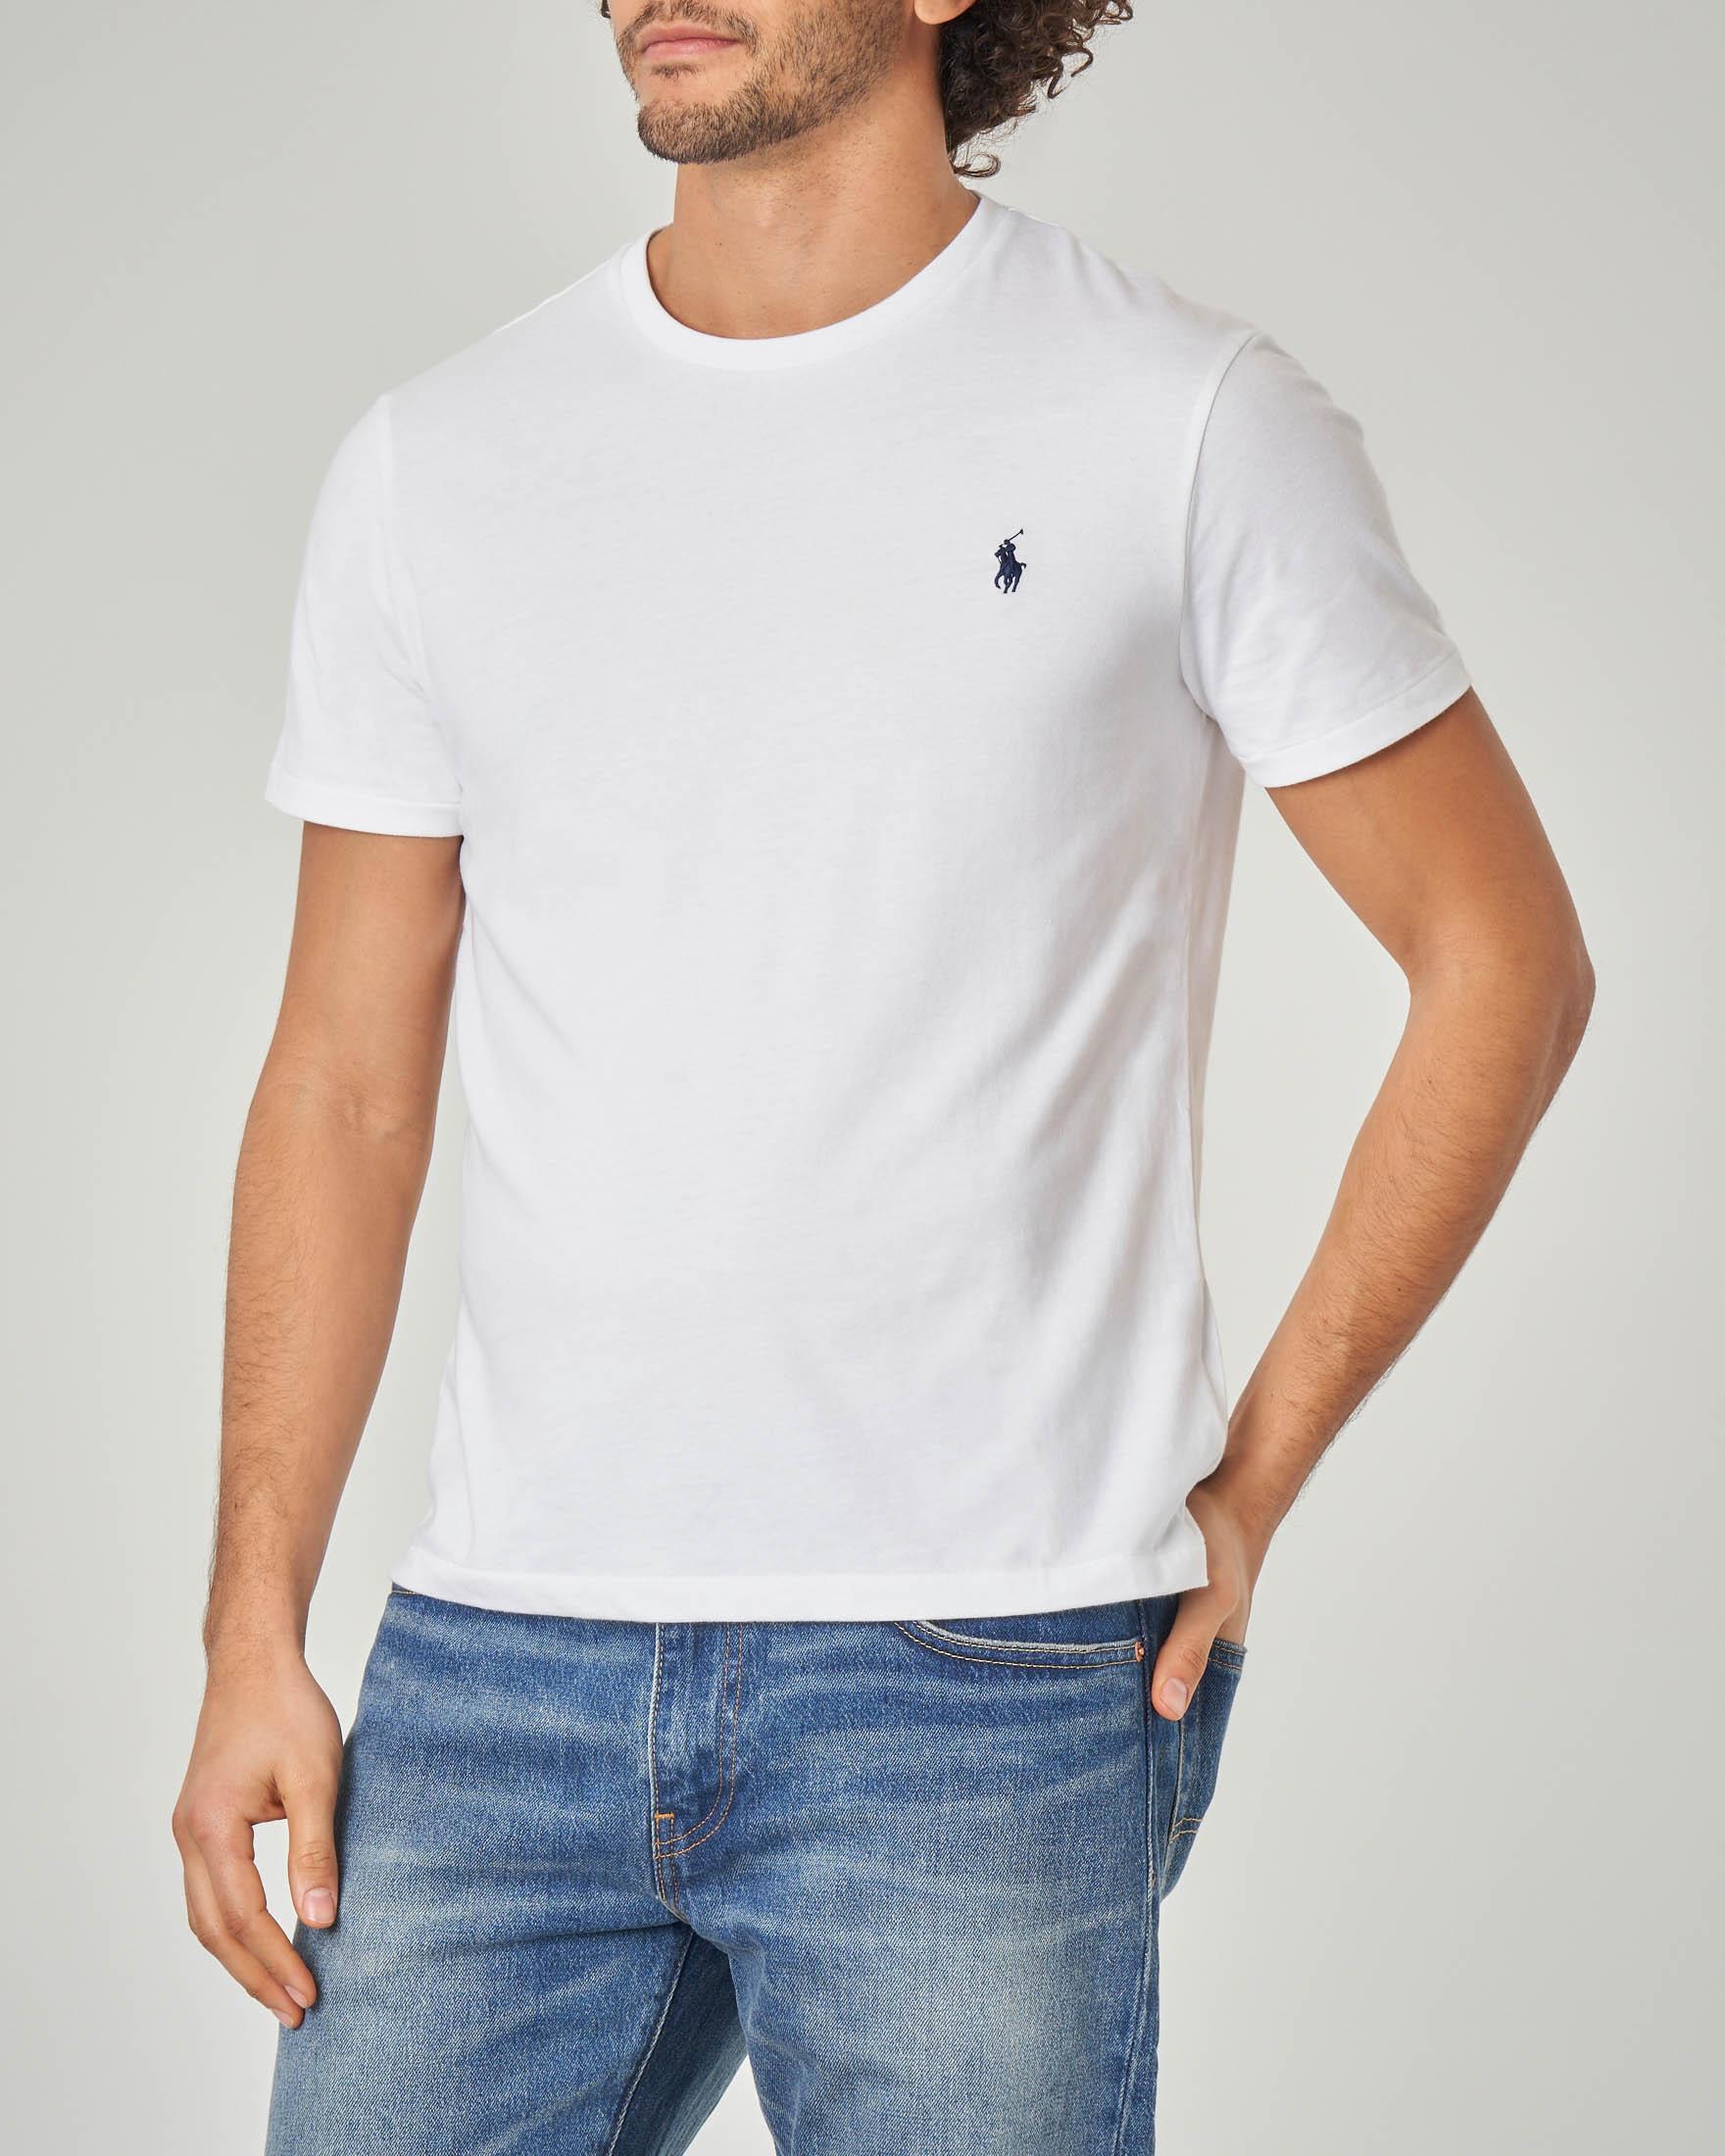 T-shirt bianca con logo blu